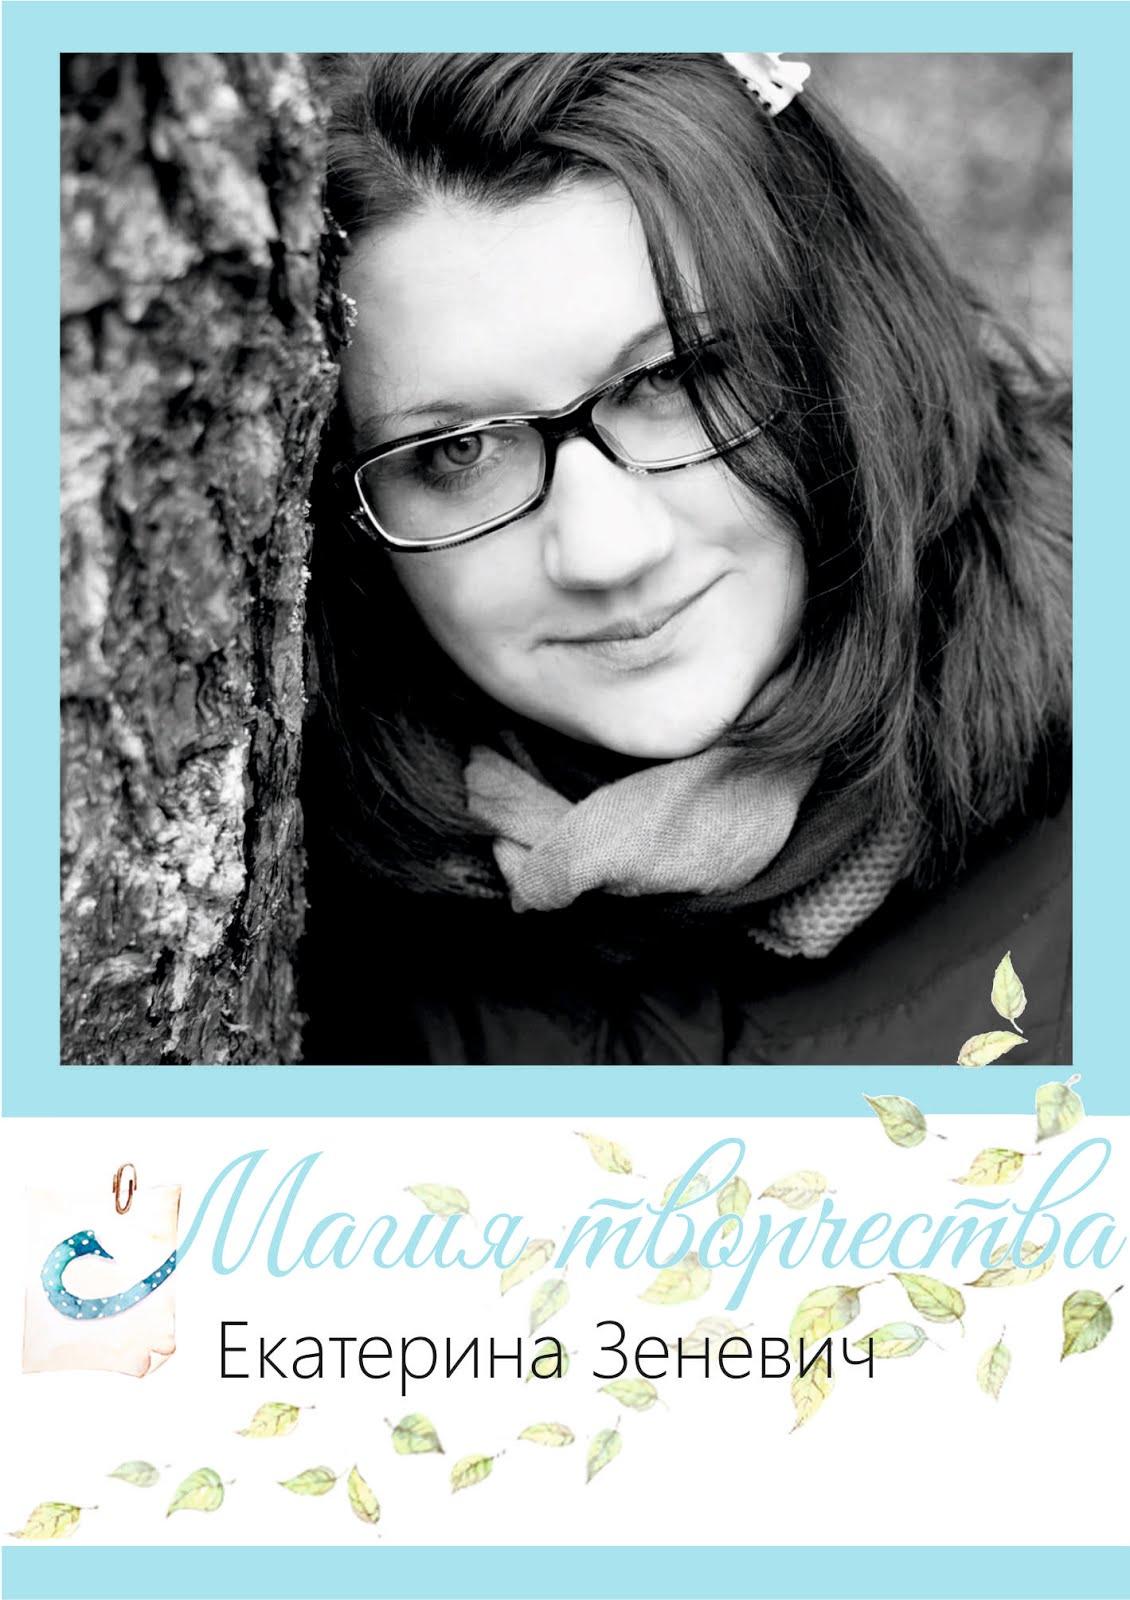 Екатерина Зеневич